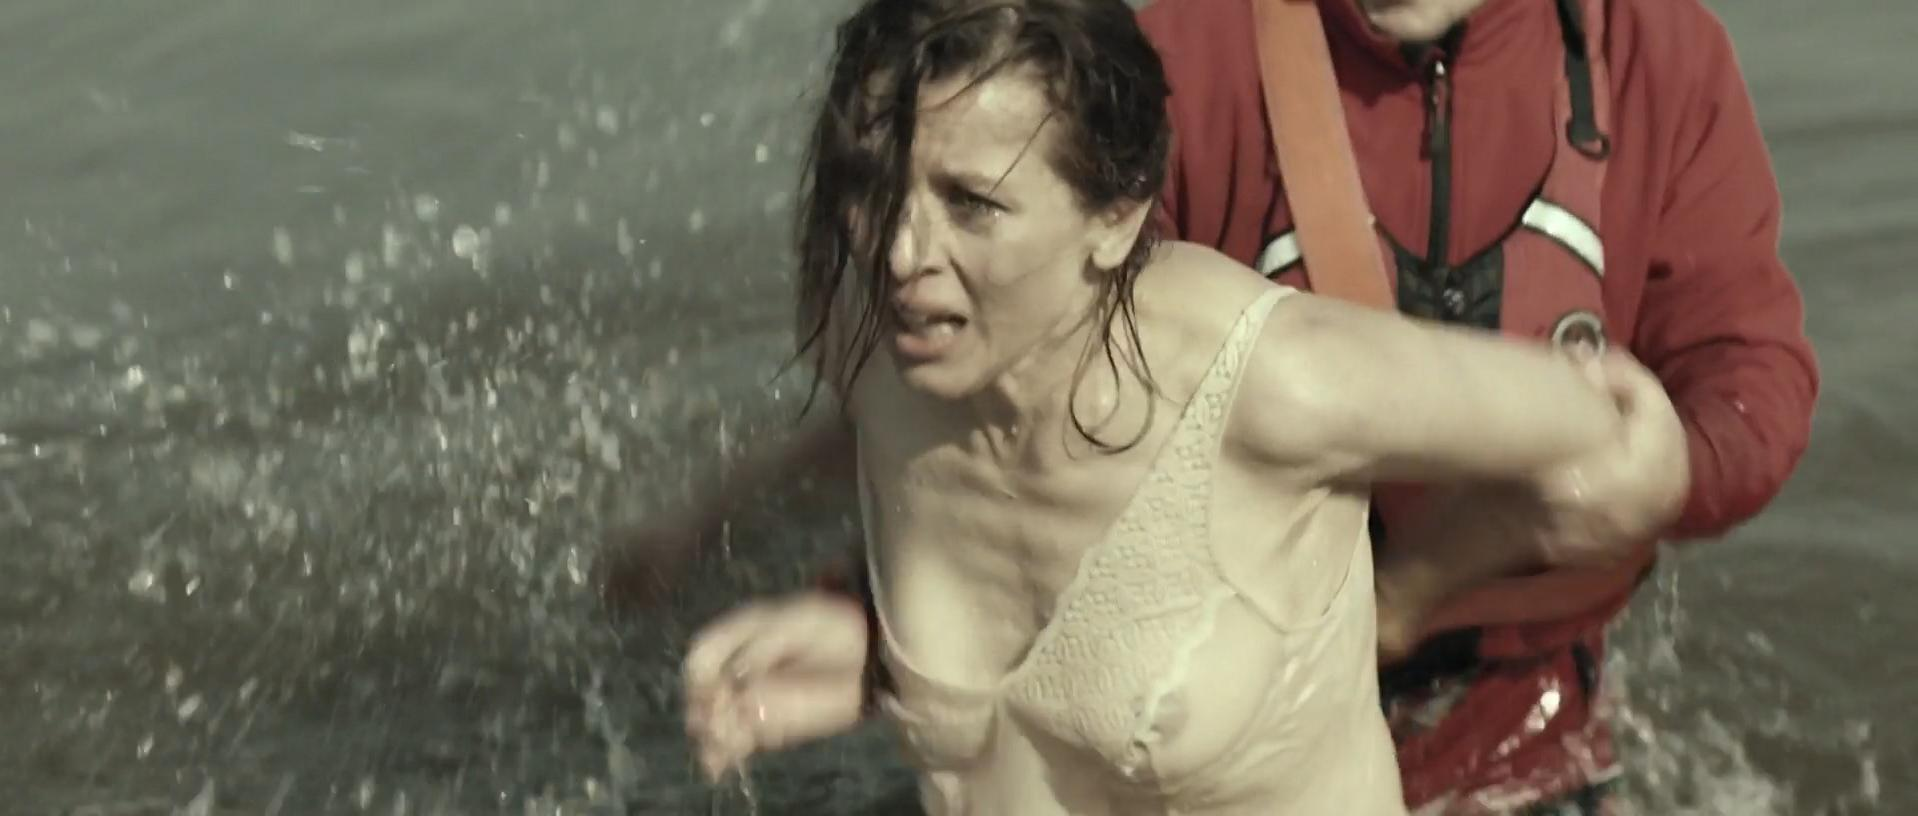 Katarzyna Herman nude, Anna Smolowik sexy - Demon (2015)